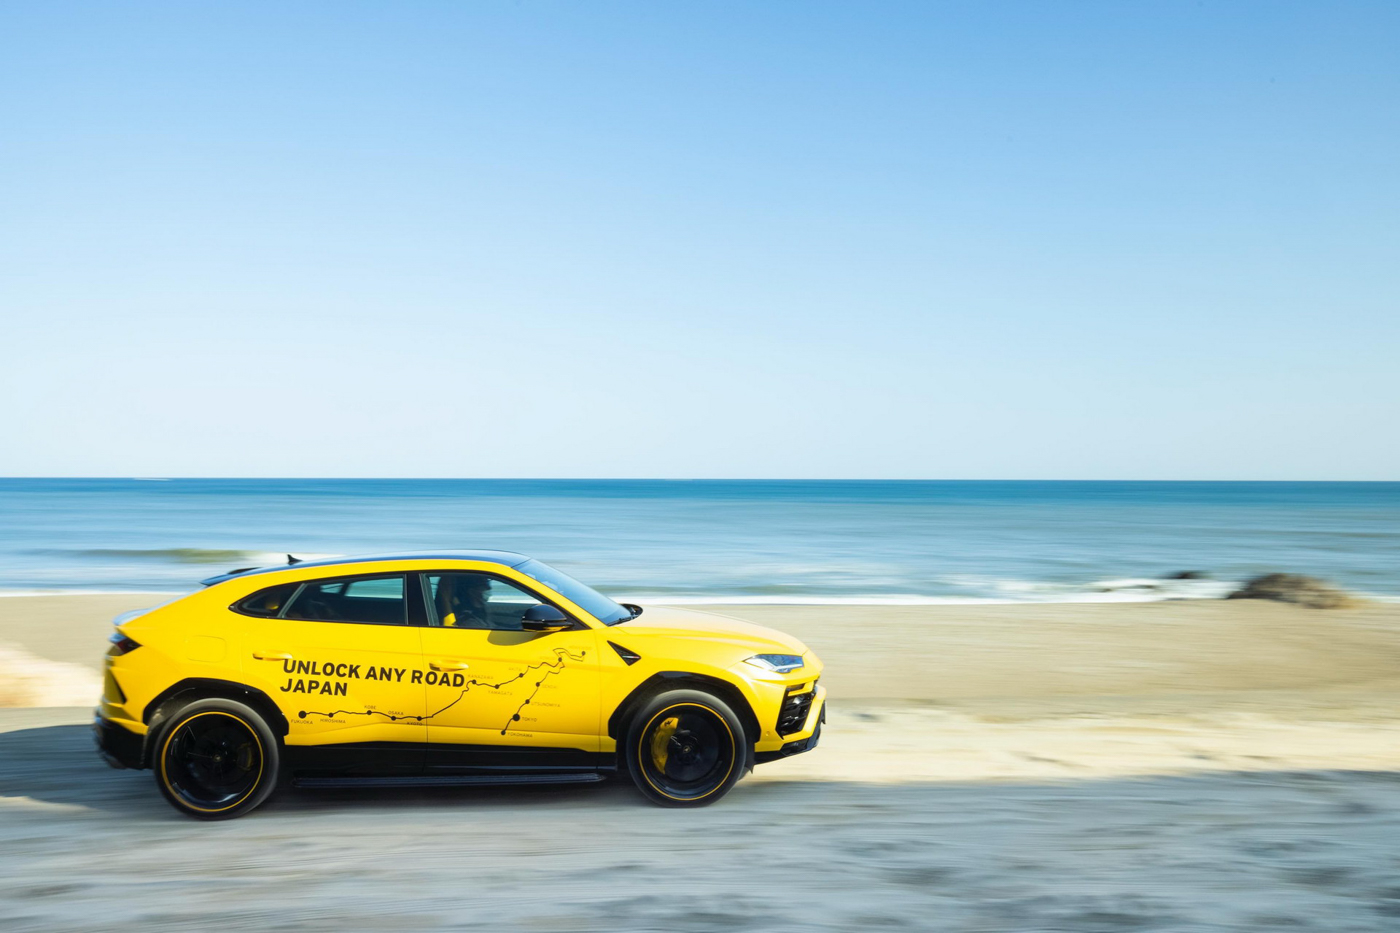 Bộ-đôi-Lamborghini-Urus-vượt-hơn-6.500-km-trong-hành-trình-xuyên-Nhật-Bản (28).jpg